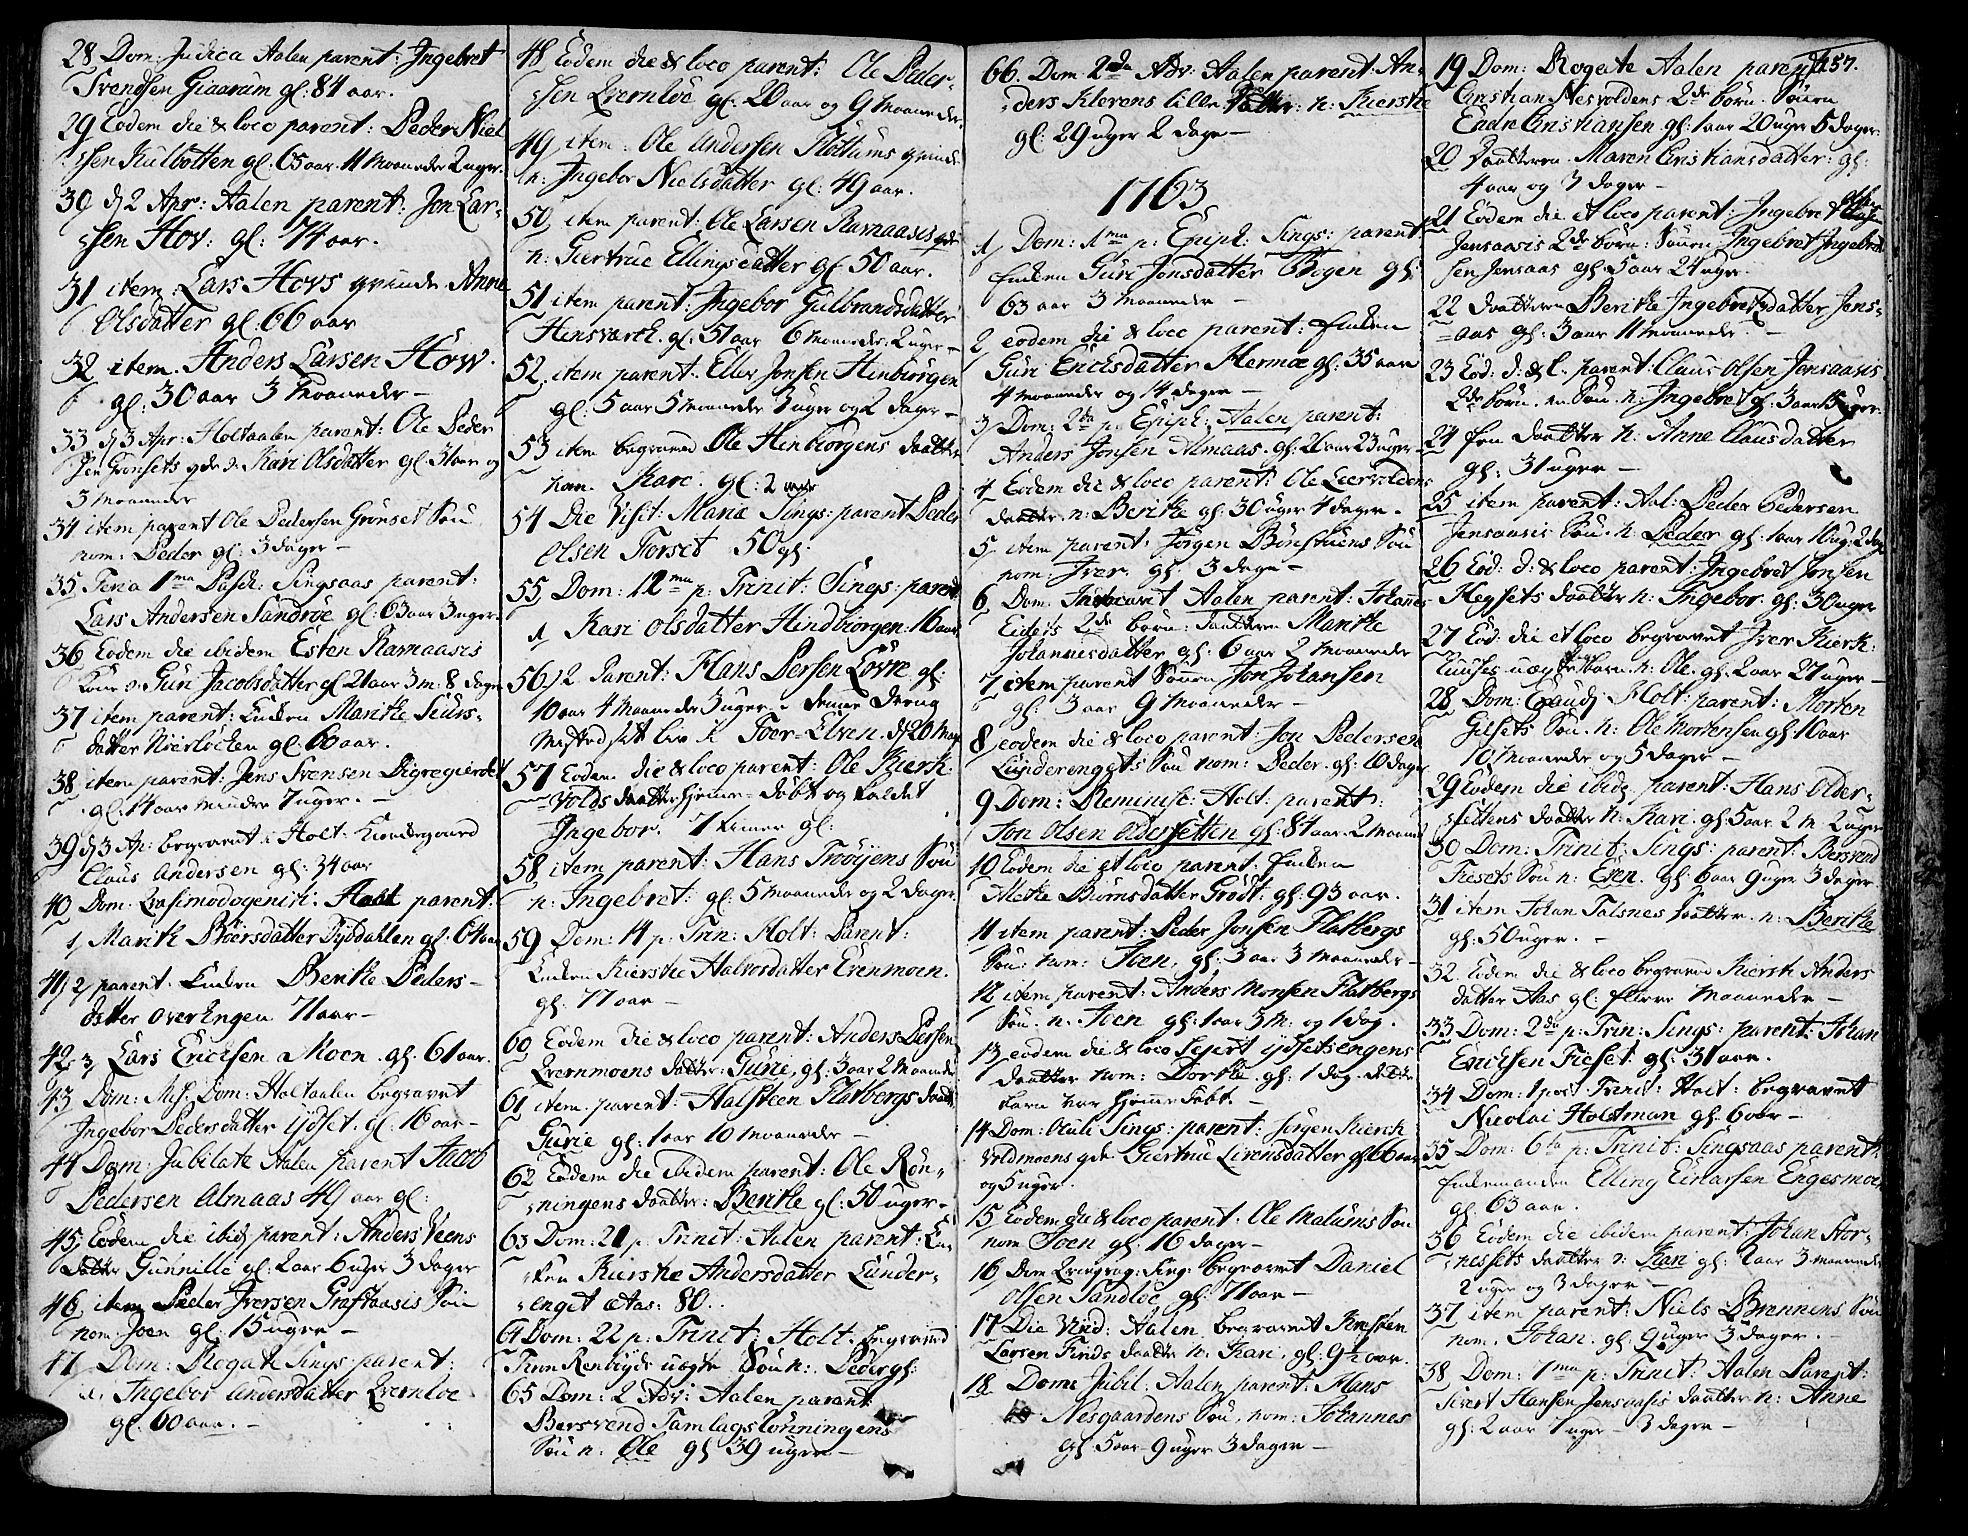 SAT, Ministerialprotokoller, klokkerbøker og fødselsregistre - Sør-Trøndelag, 685/L0952: Ministerialbok nr. 685A01, 1745-1804, s. 157